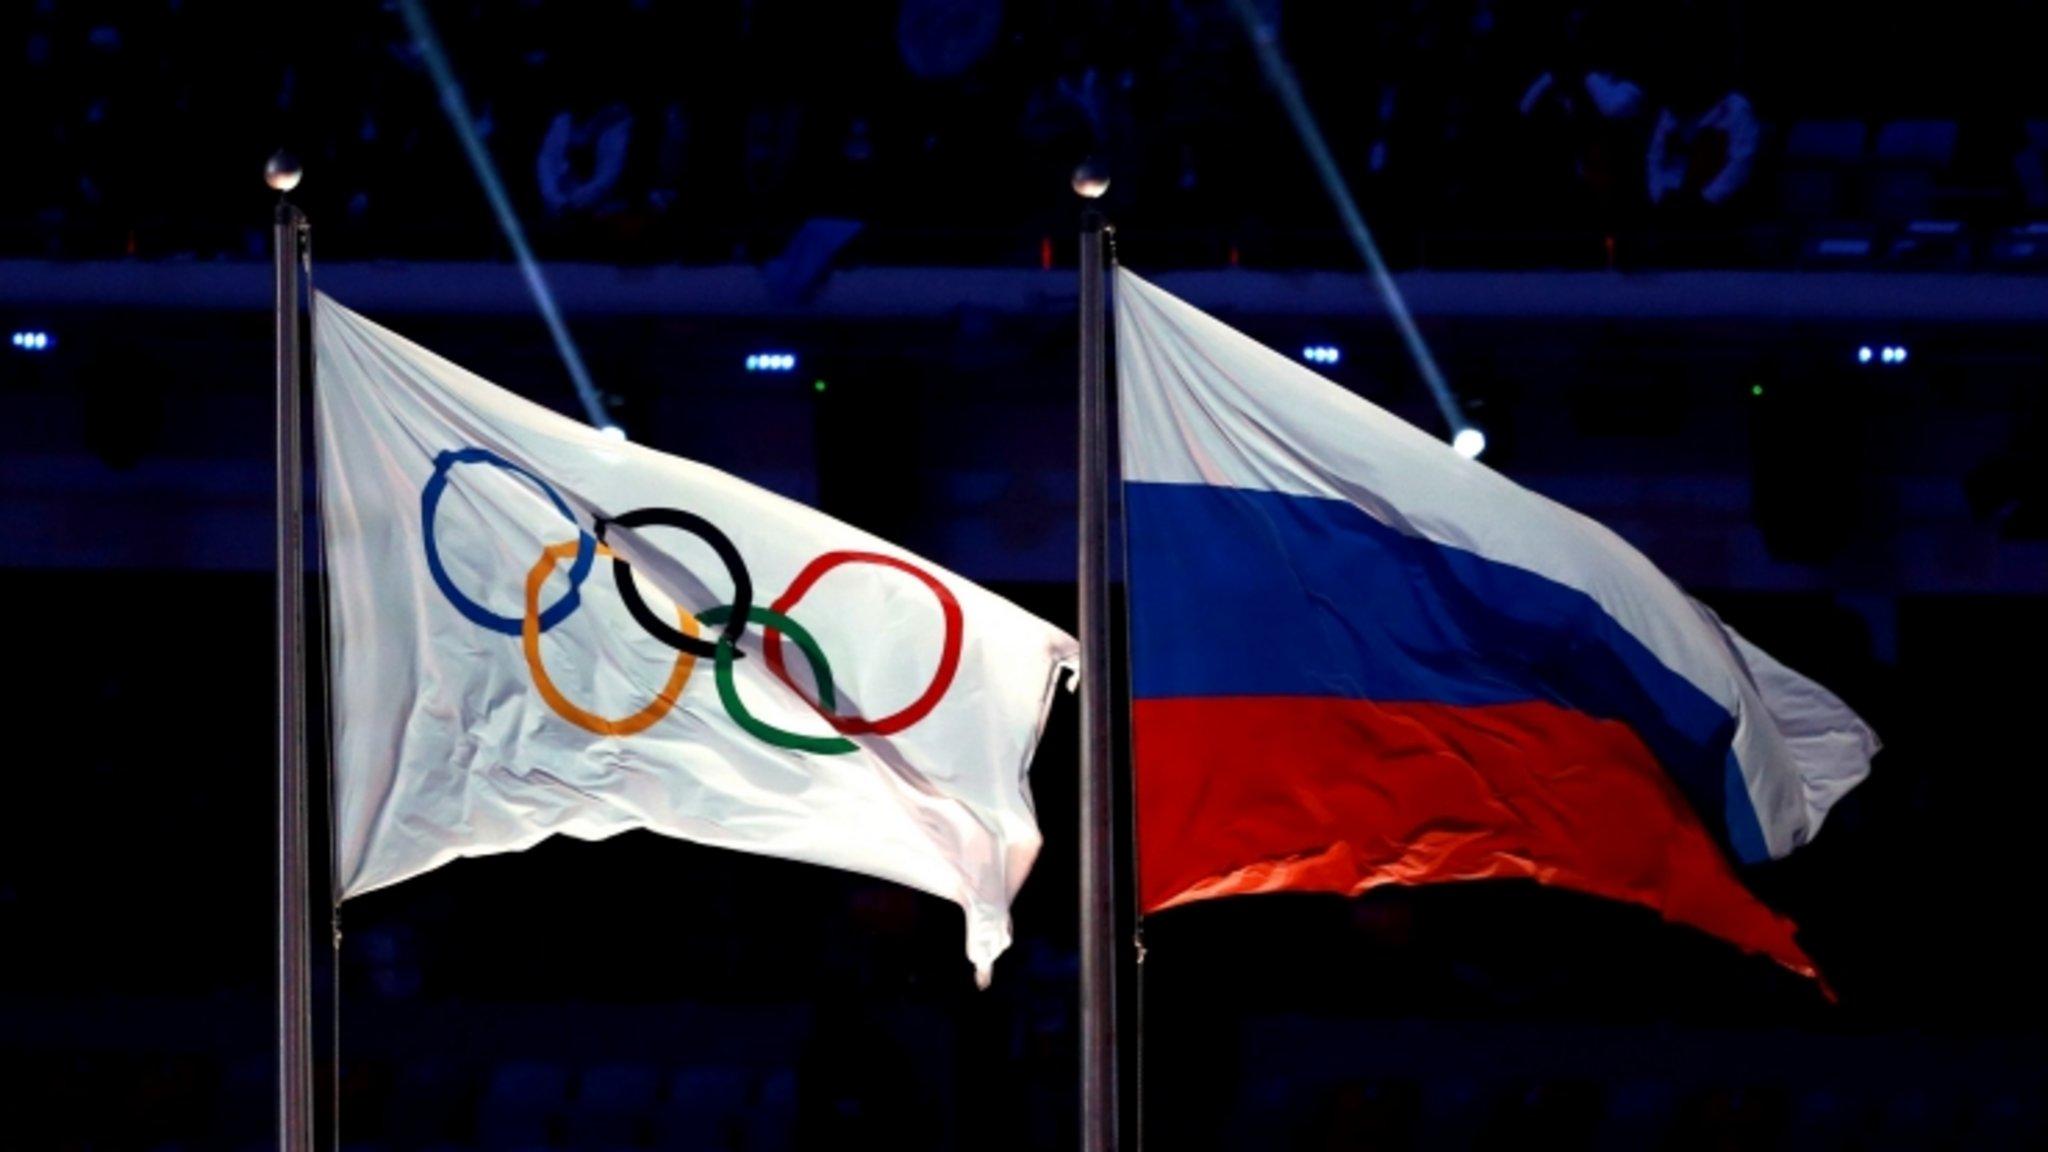 Photo of Ruski paraolimpijci  neće nastupati u Riju zbog suspenizije